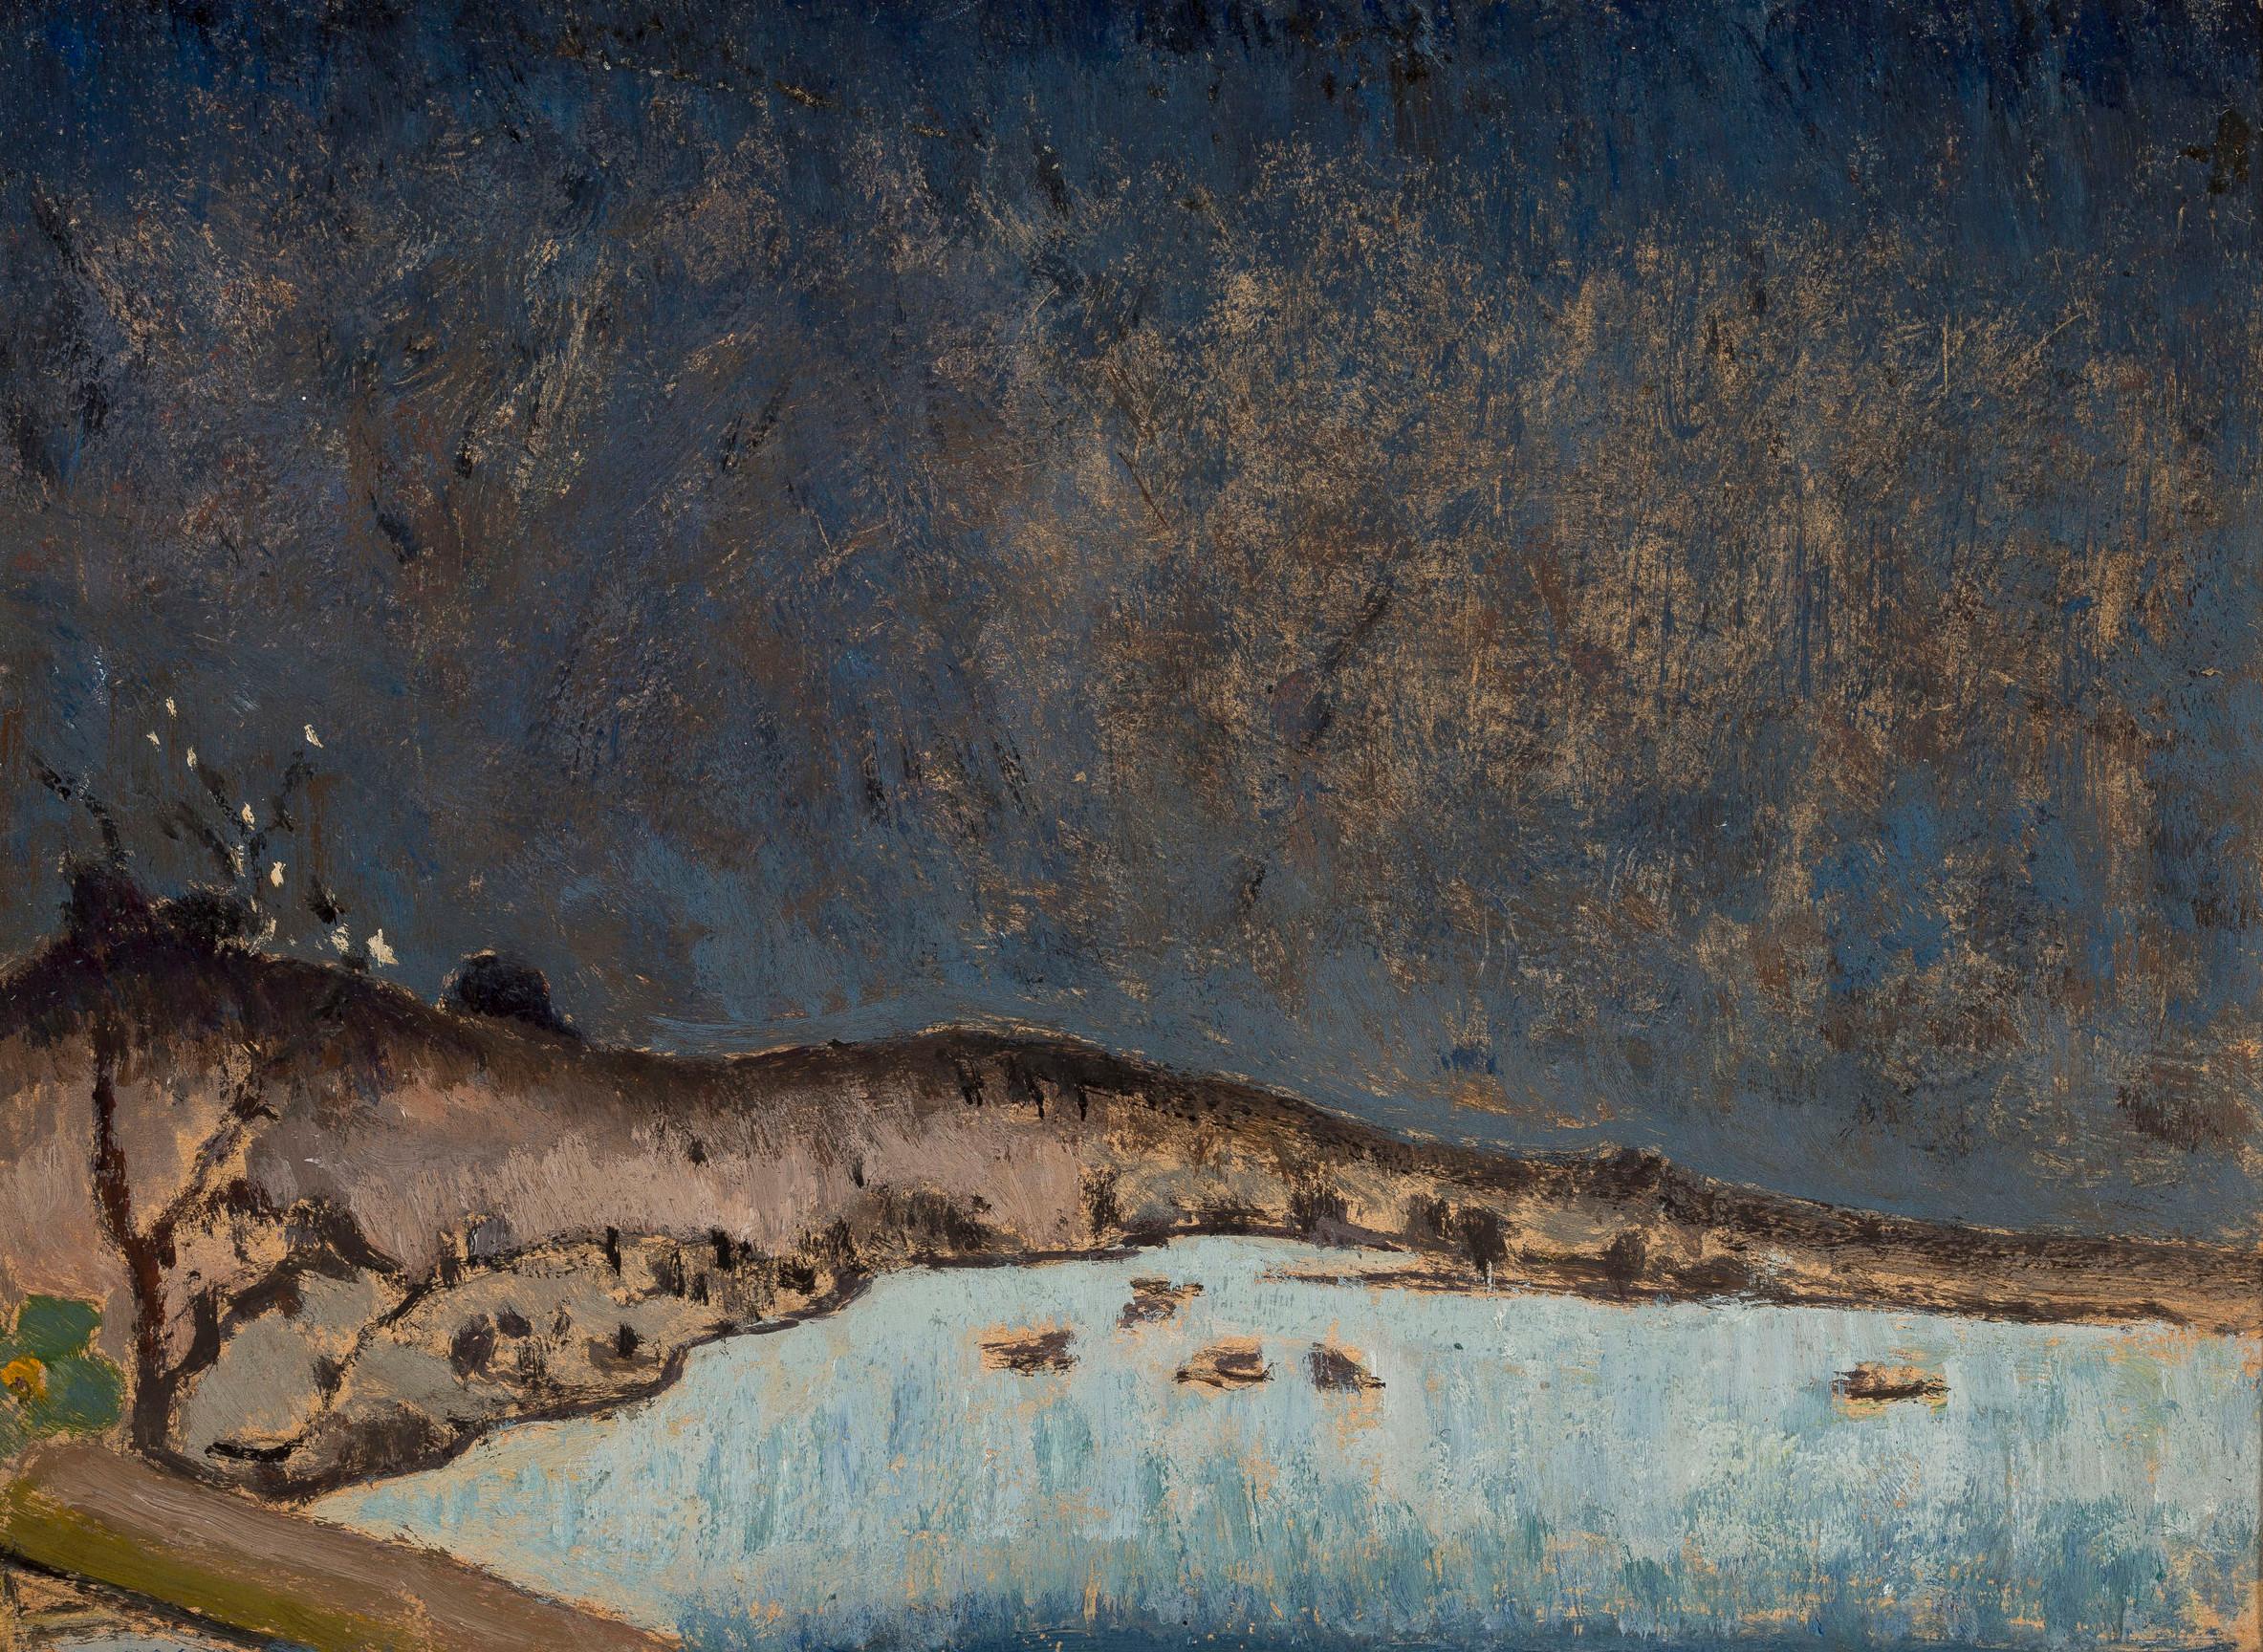 """Tadeusz Makowski (1882-1932) """"Pejzaż z chmurami"""", ok. 1908 roku, źródło: Muzeum Narodowe w Warszawie"""